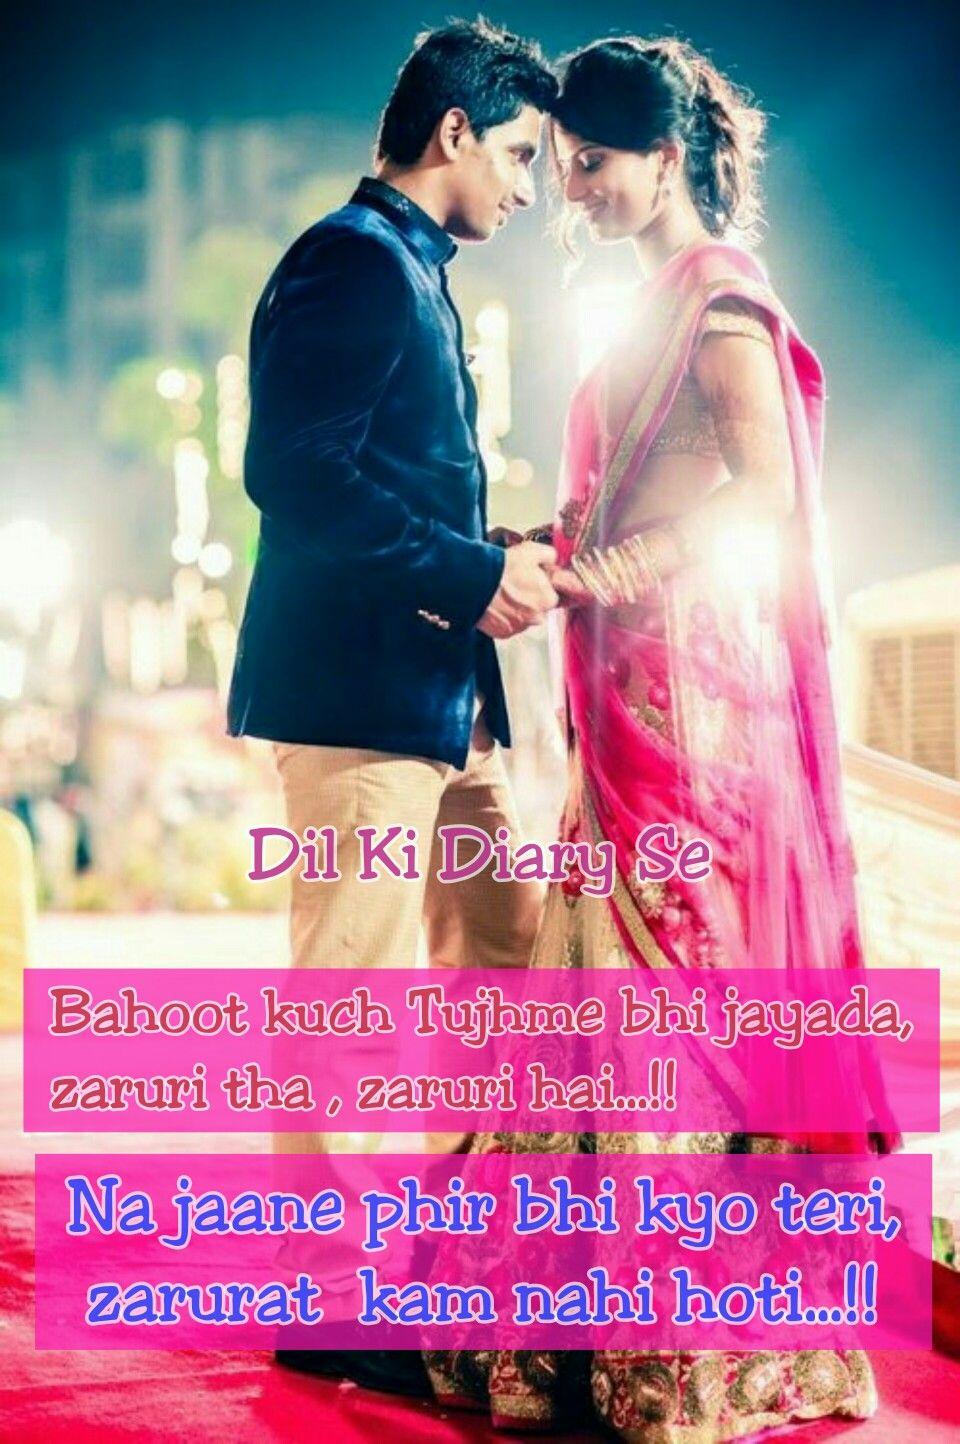 Pin de Arfan Khan en DIL KI DIARY SE | Pinterest